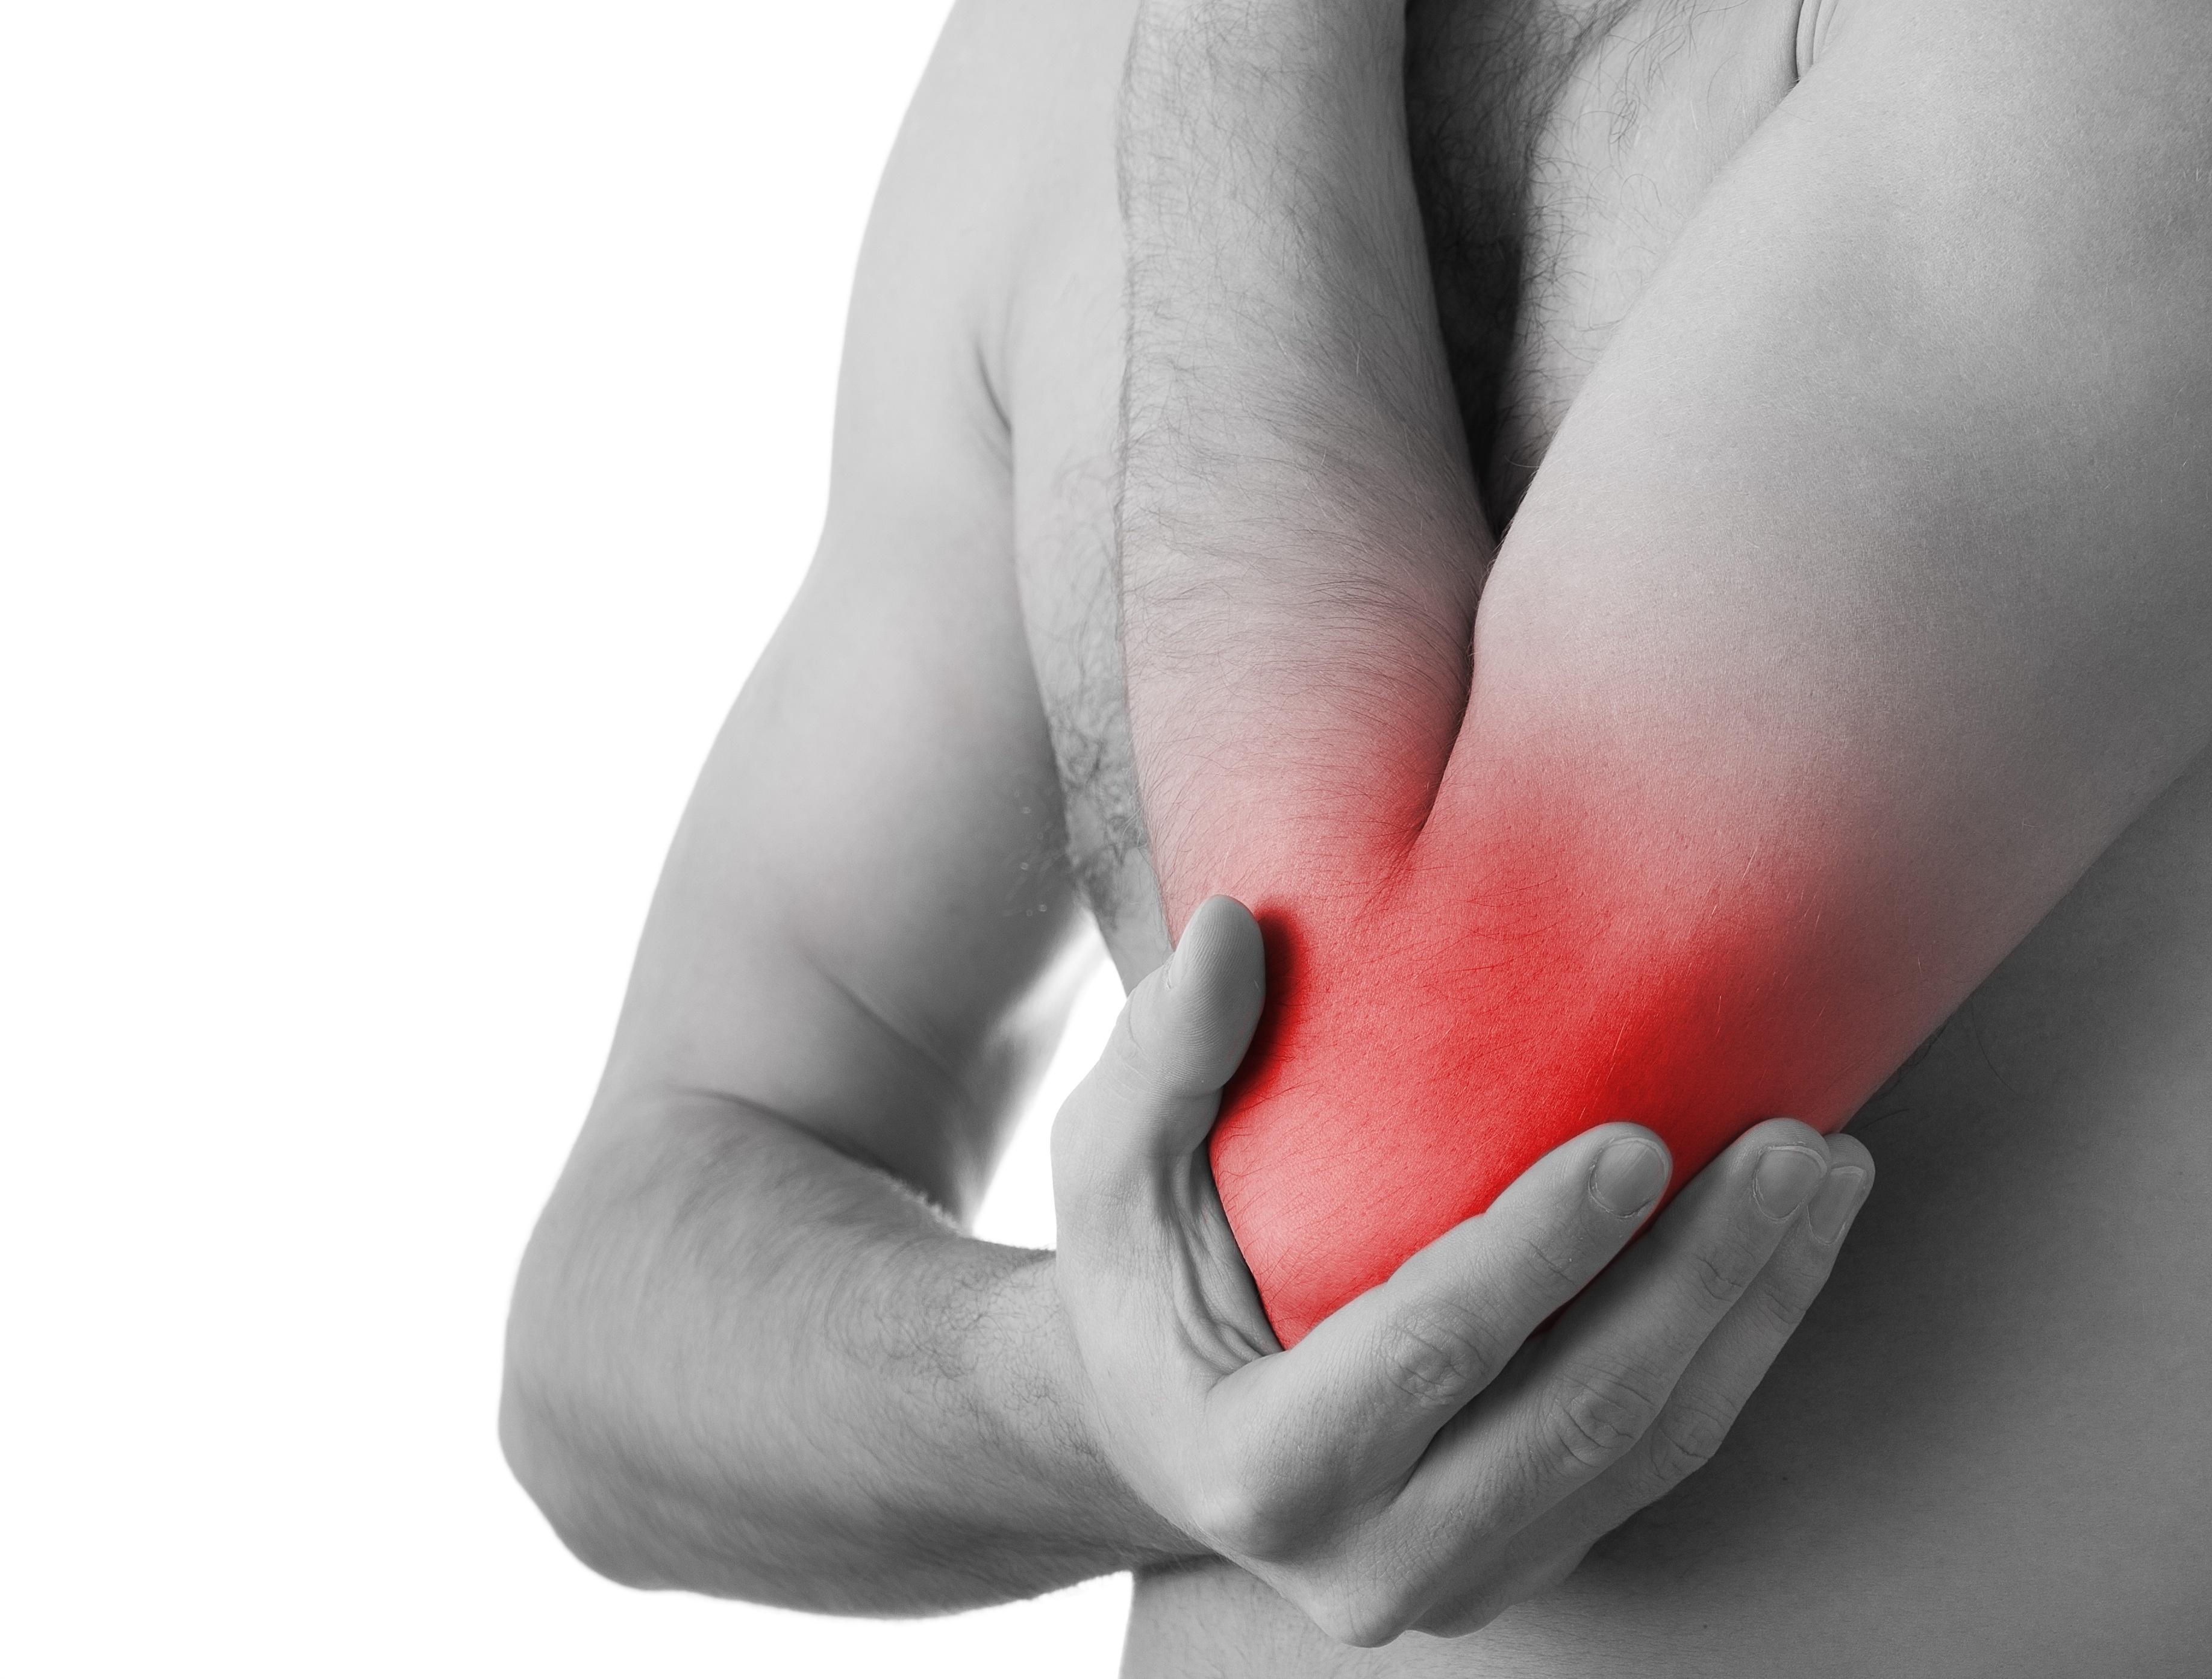 ha a csípőízület ízületi gyulladása van váll fájdalom íngyulladás